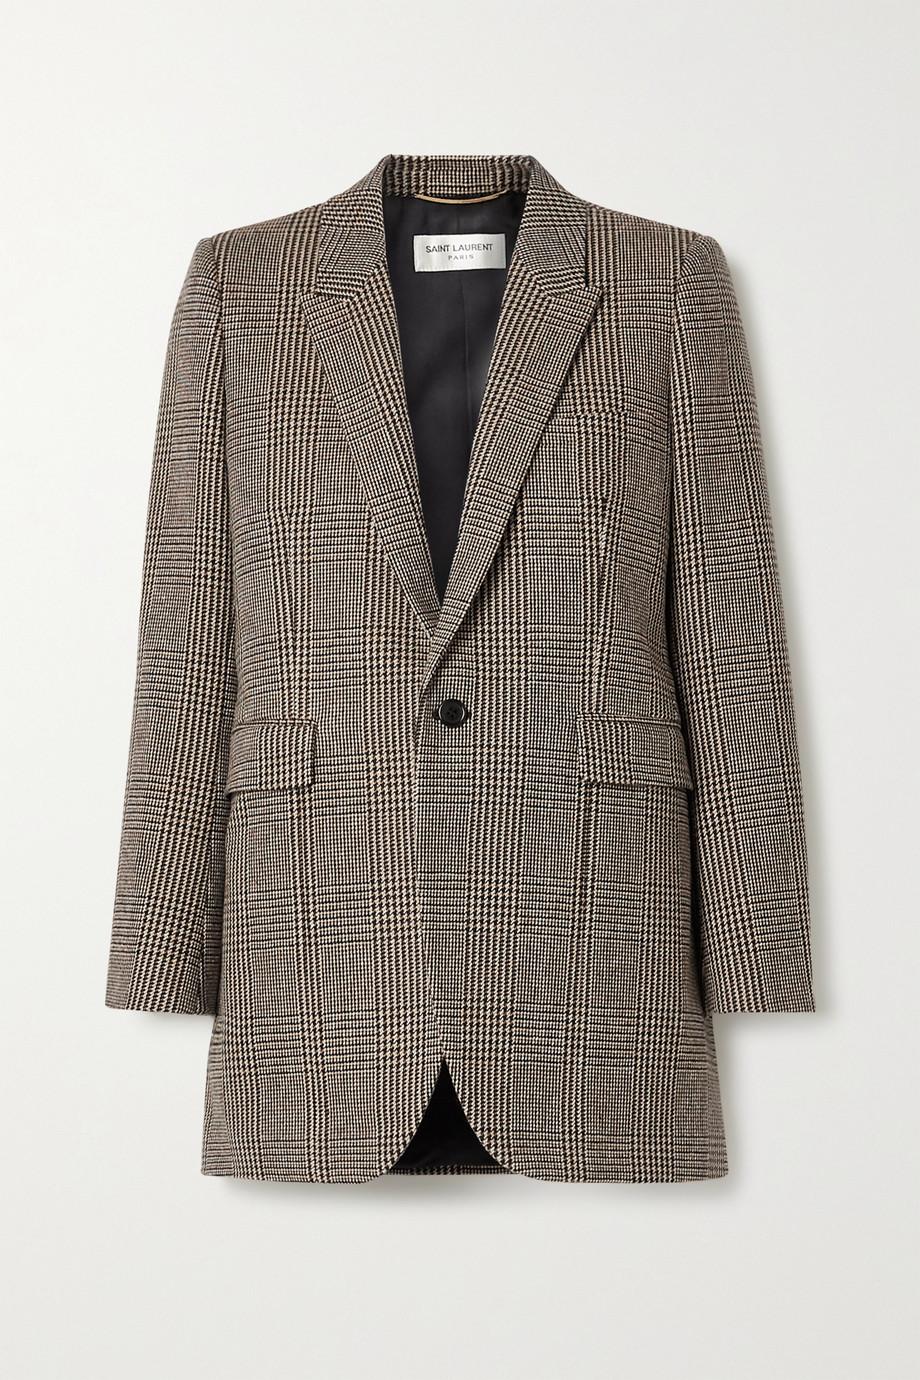 SAINT LAURENT Blazer en laine mélangée à carreaux